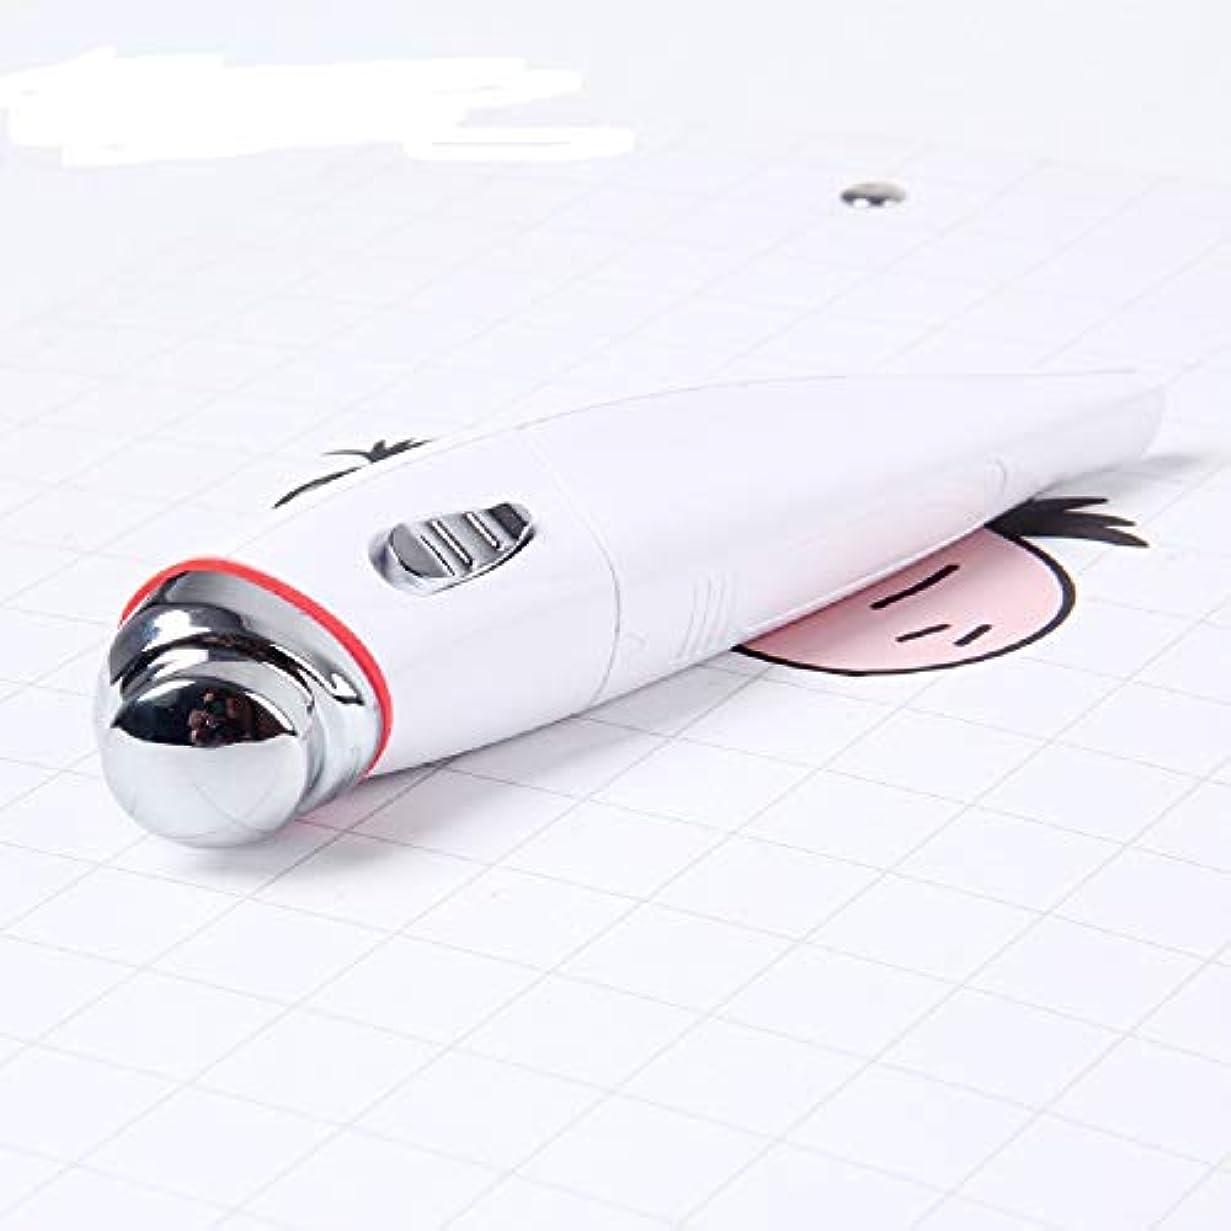 恵み凶暴な乳白Meet now 振動マッサージ電動アイマッサージャー、振動マッサージ美容器具 品質保証